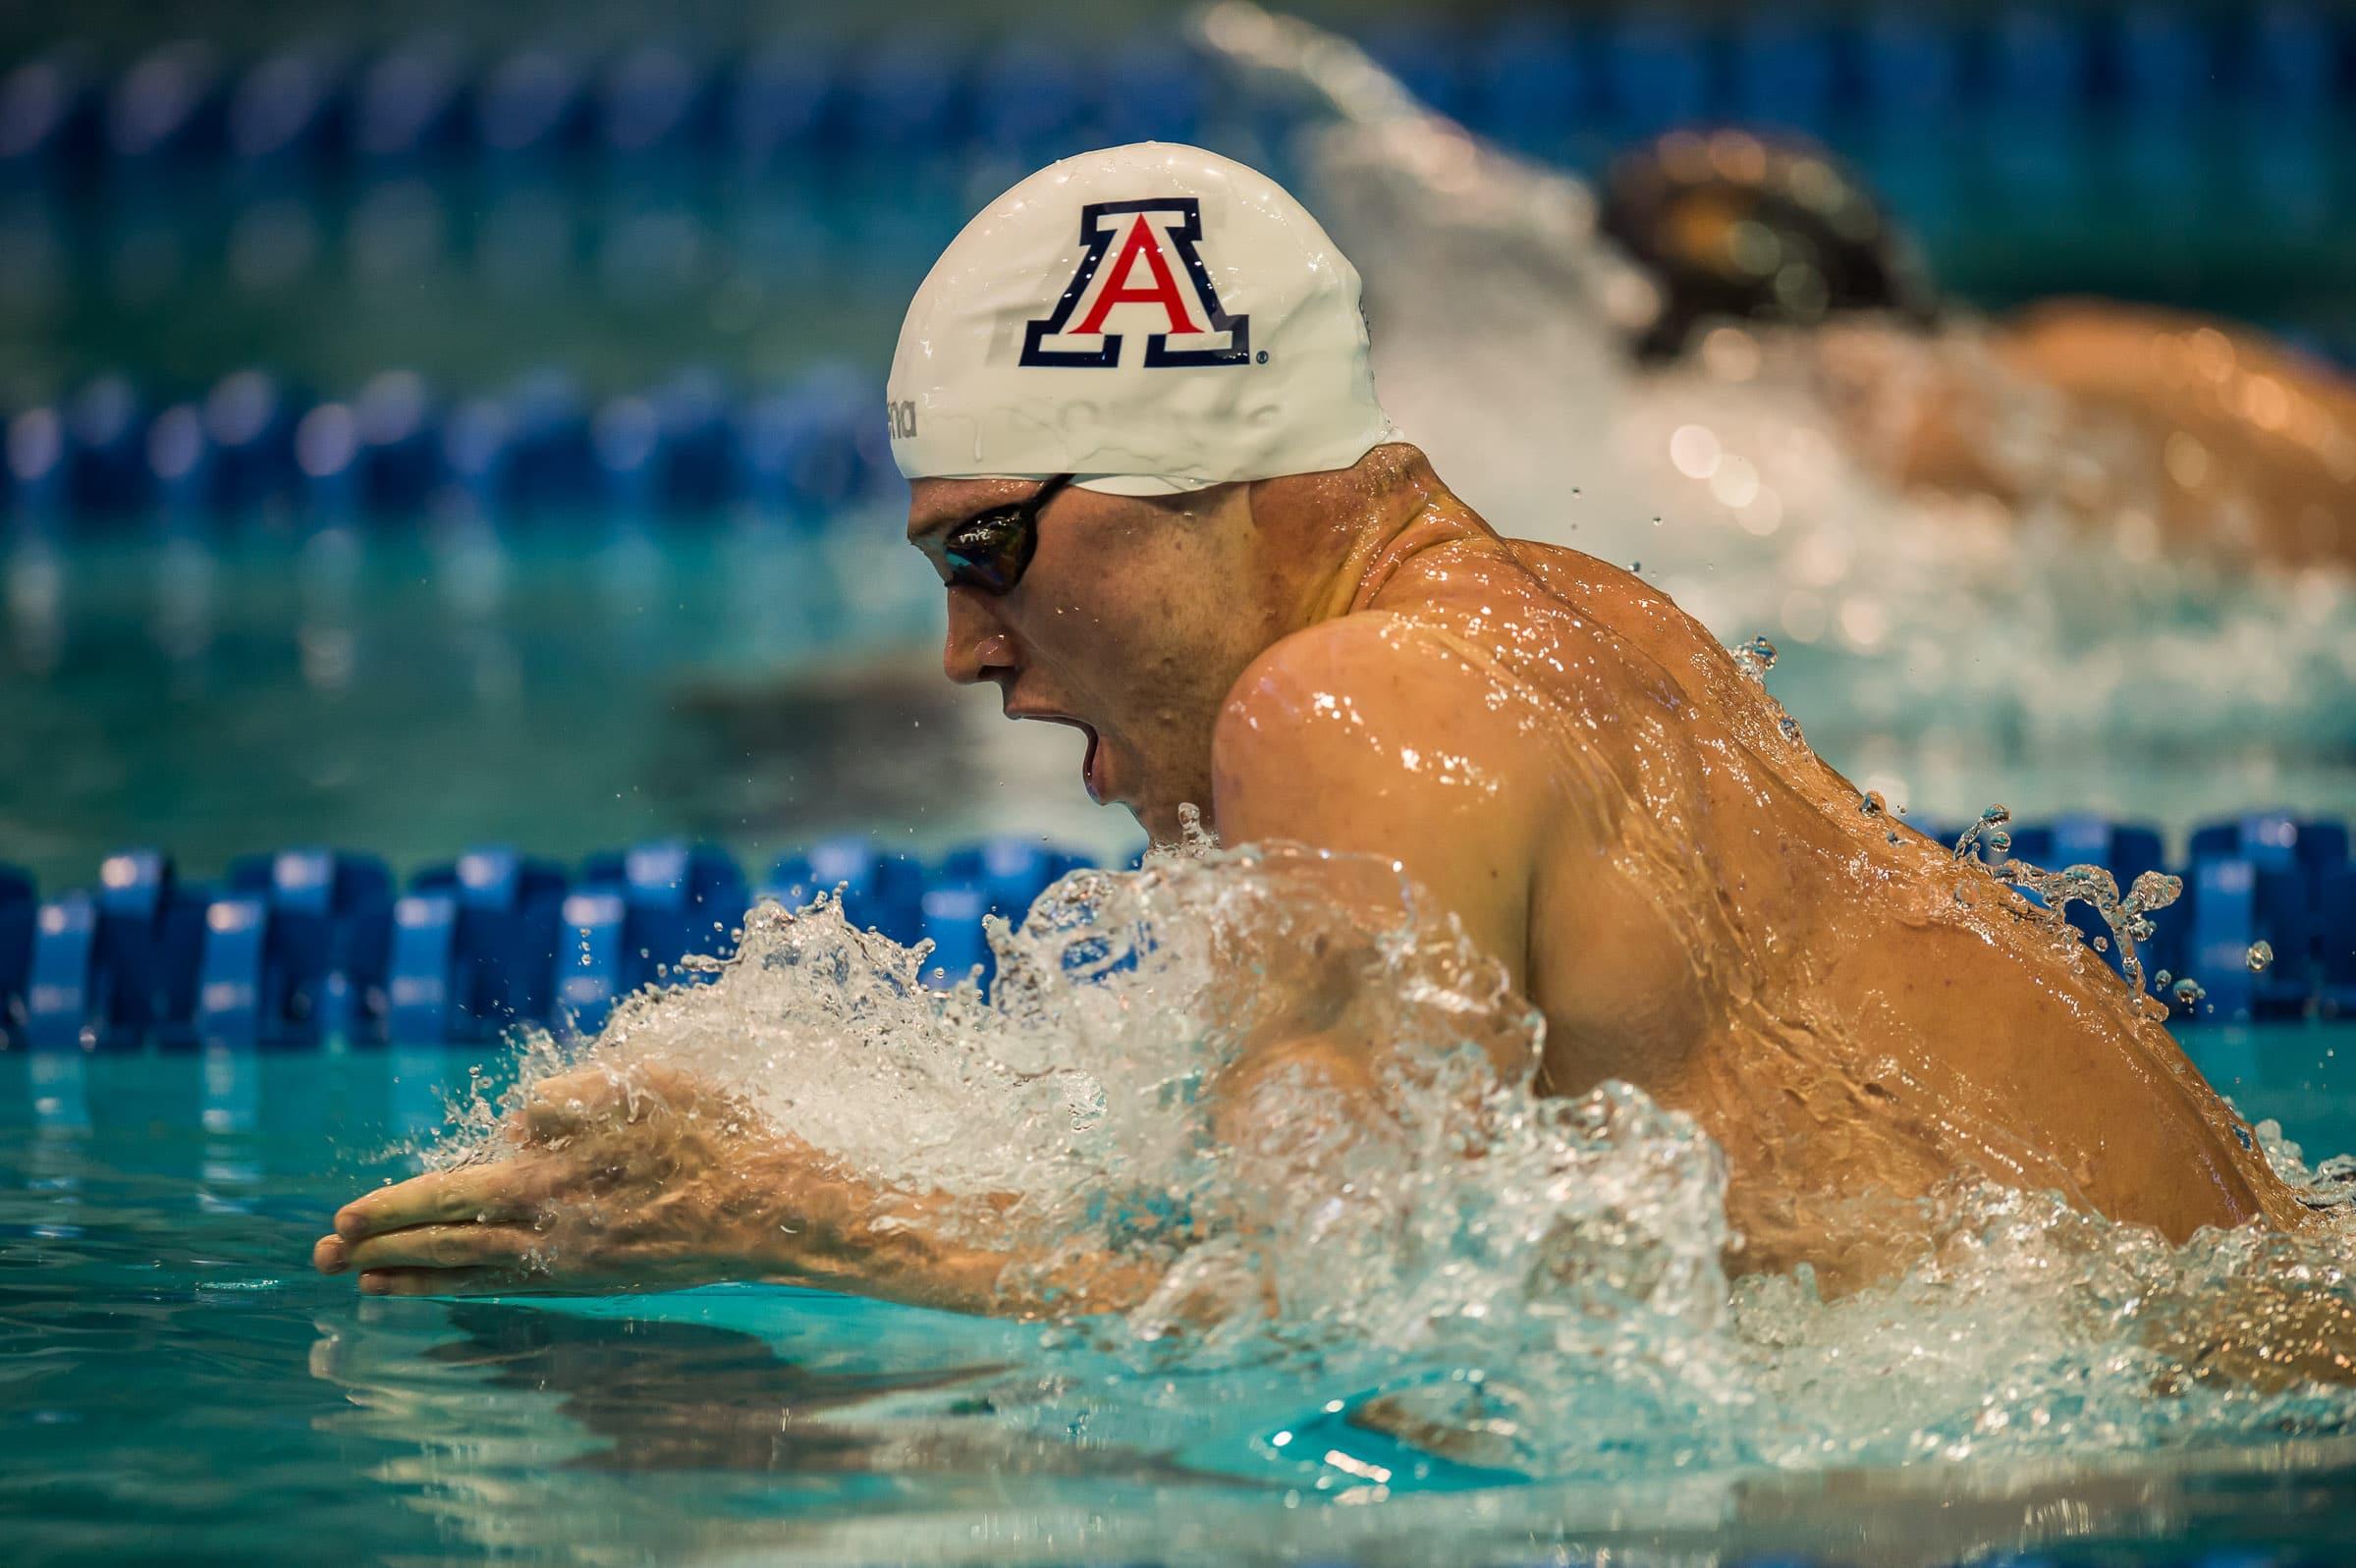 entrenamiento-de-natación-para-competir-3